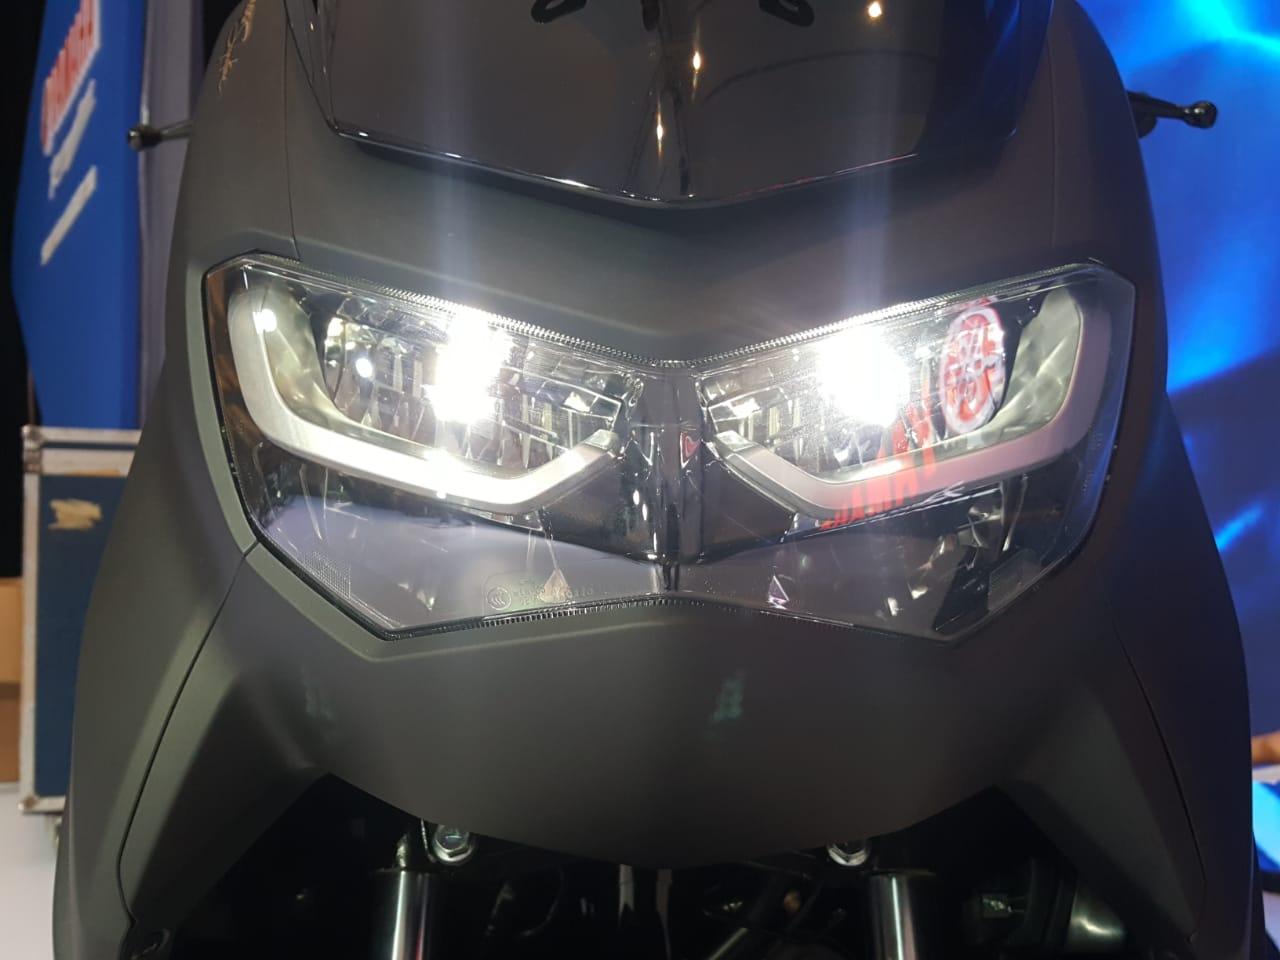 Yamaha Nmax Baru dengan 6 Fitur Canggihnya yang Bikin Geger Skutik 150cc